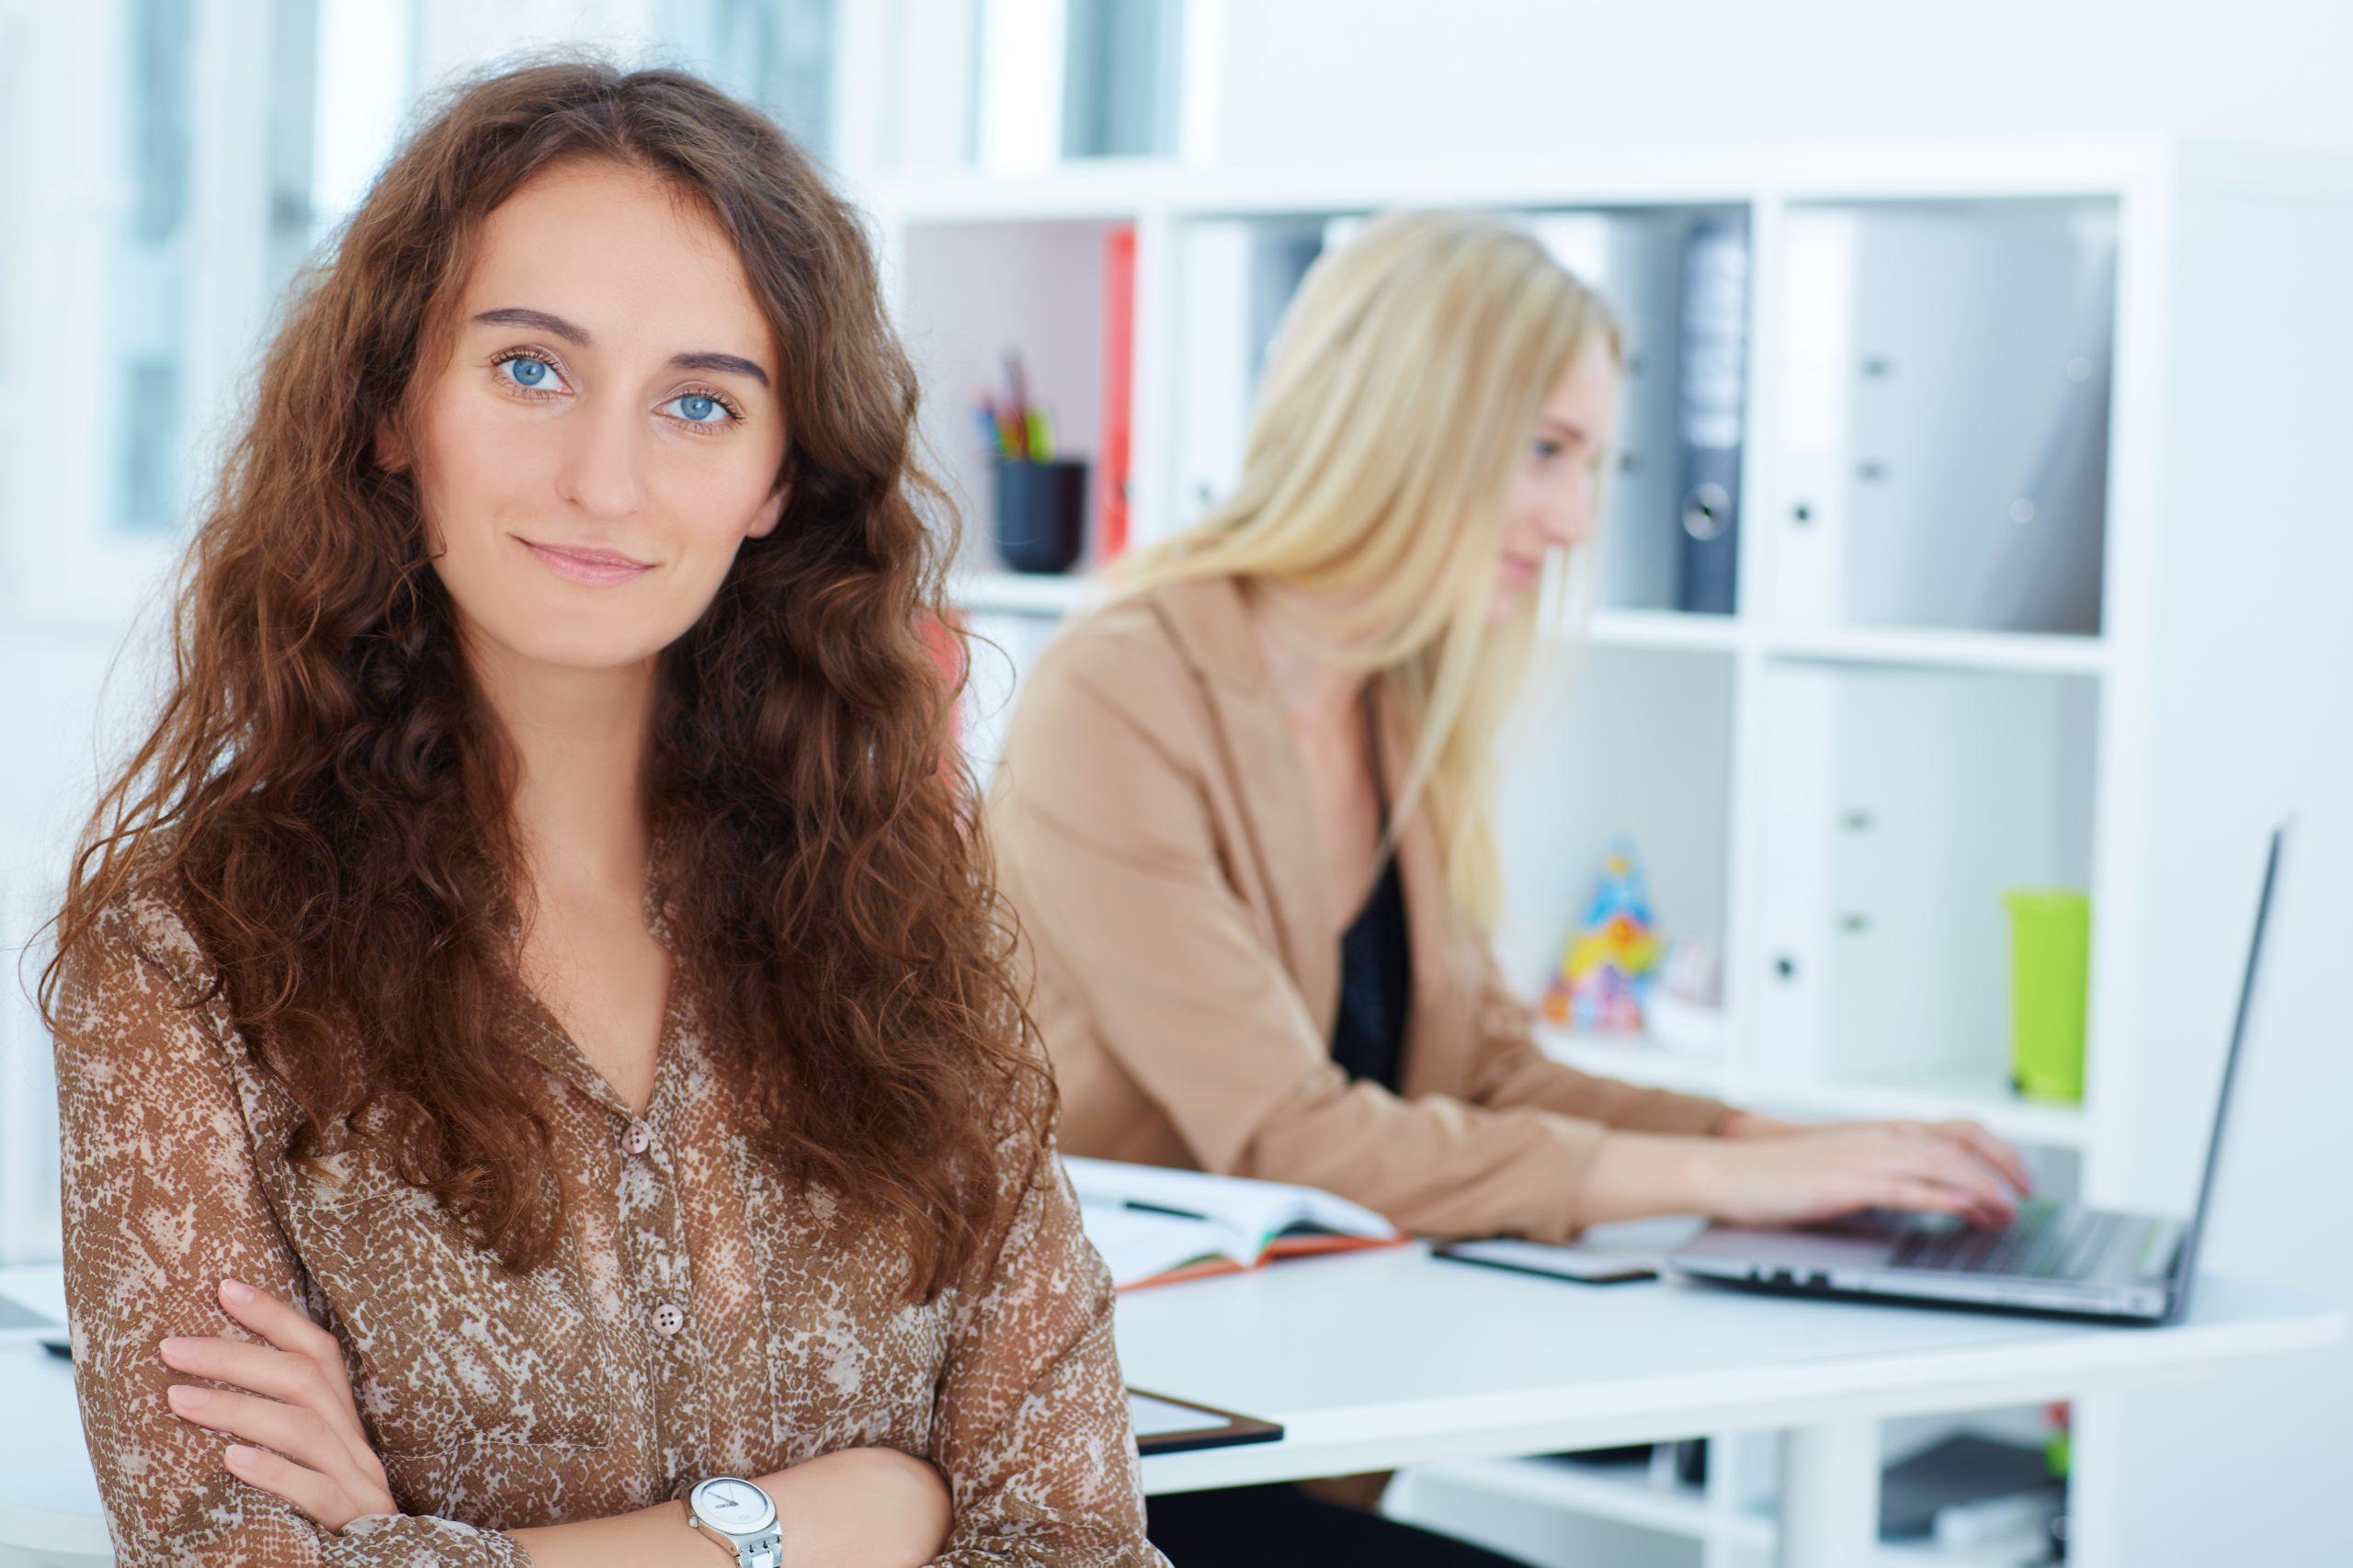 Collaboratrice souriante devant une collègue qui travaille sur son ordinateur